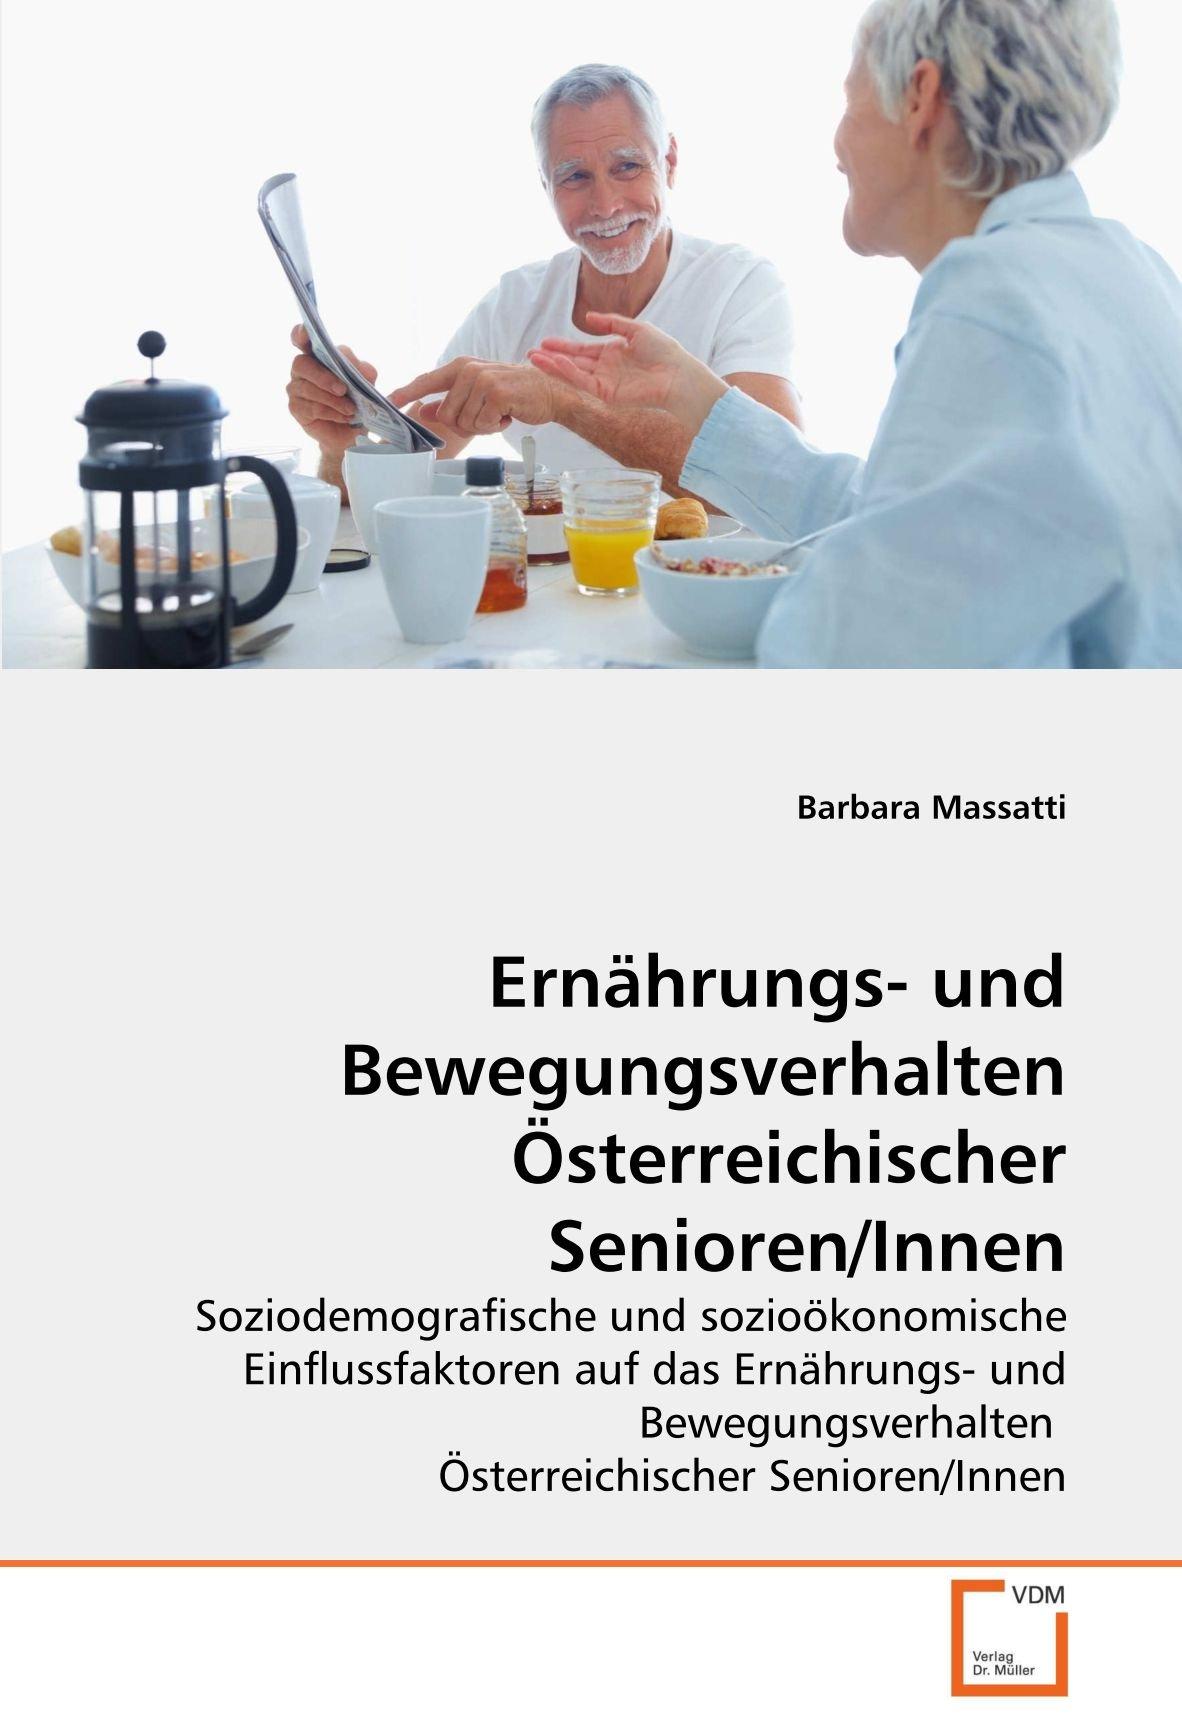 Download Ernährungs- und Bewegungsverhalten Österreichischer Senioren/Innen: Soziodemografische und sozioökonomische Einflussfaktoren auf das Ernährungs- und ... Senioren/Innen (German Edition) PDF